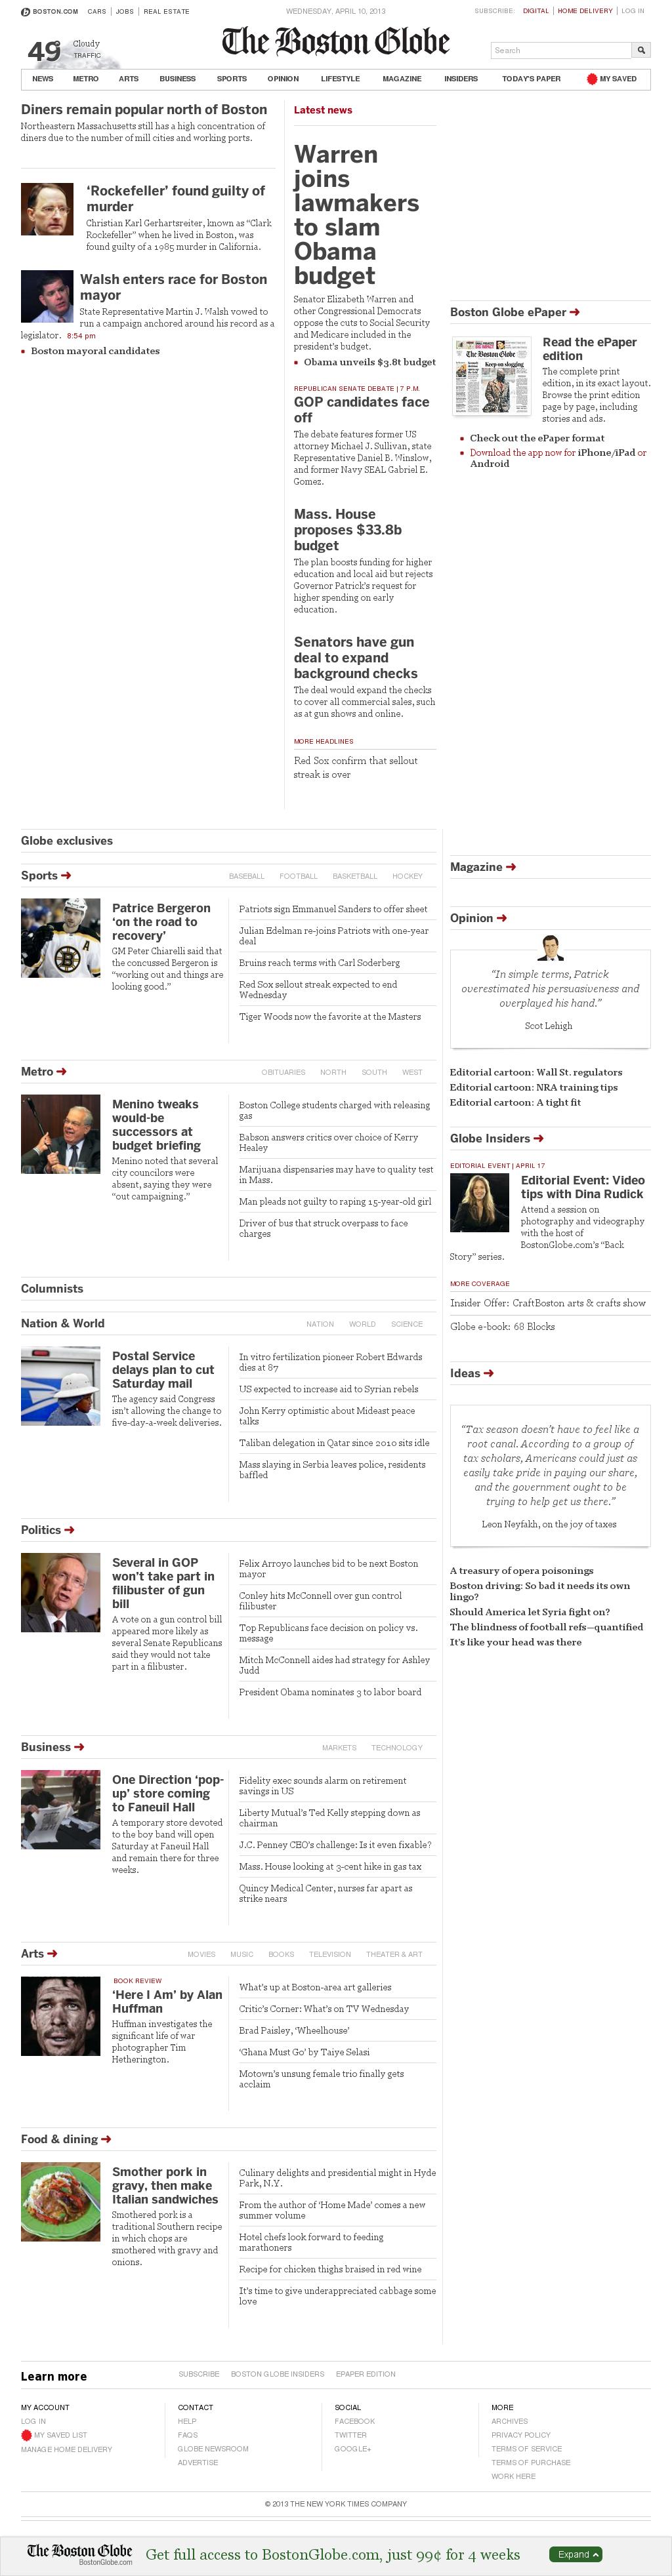 The Boston Globe at Wednesday April 10, 2013, 11:02 p.m. UTC